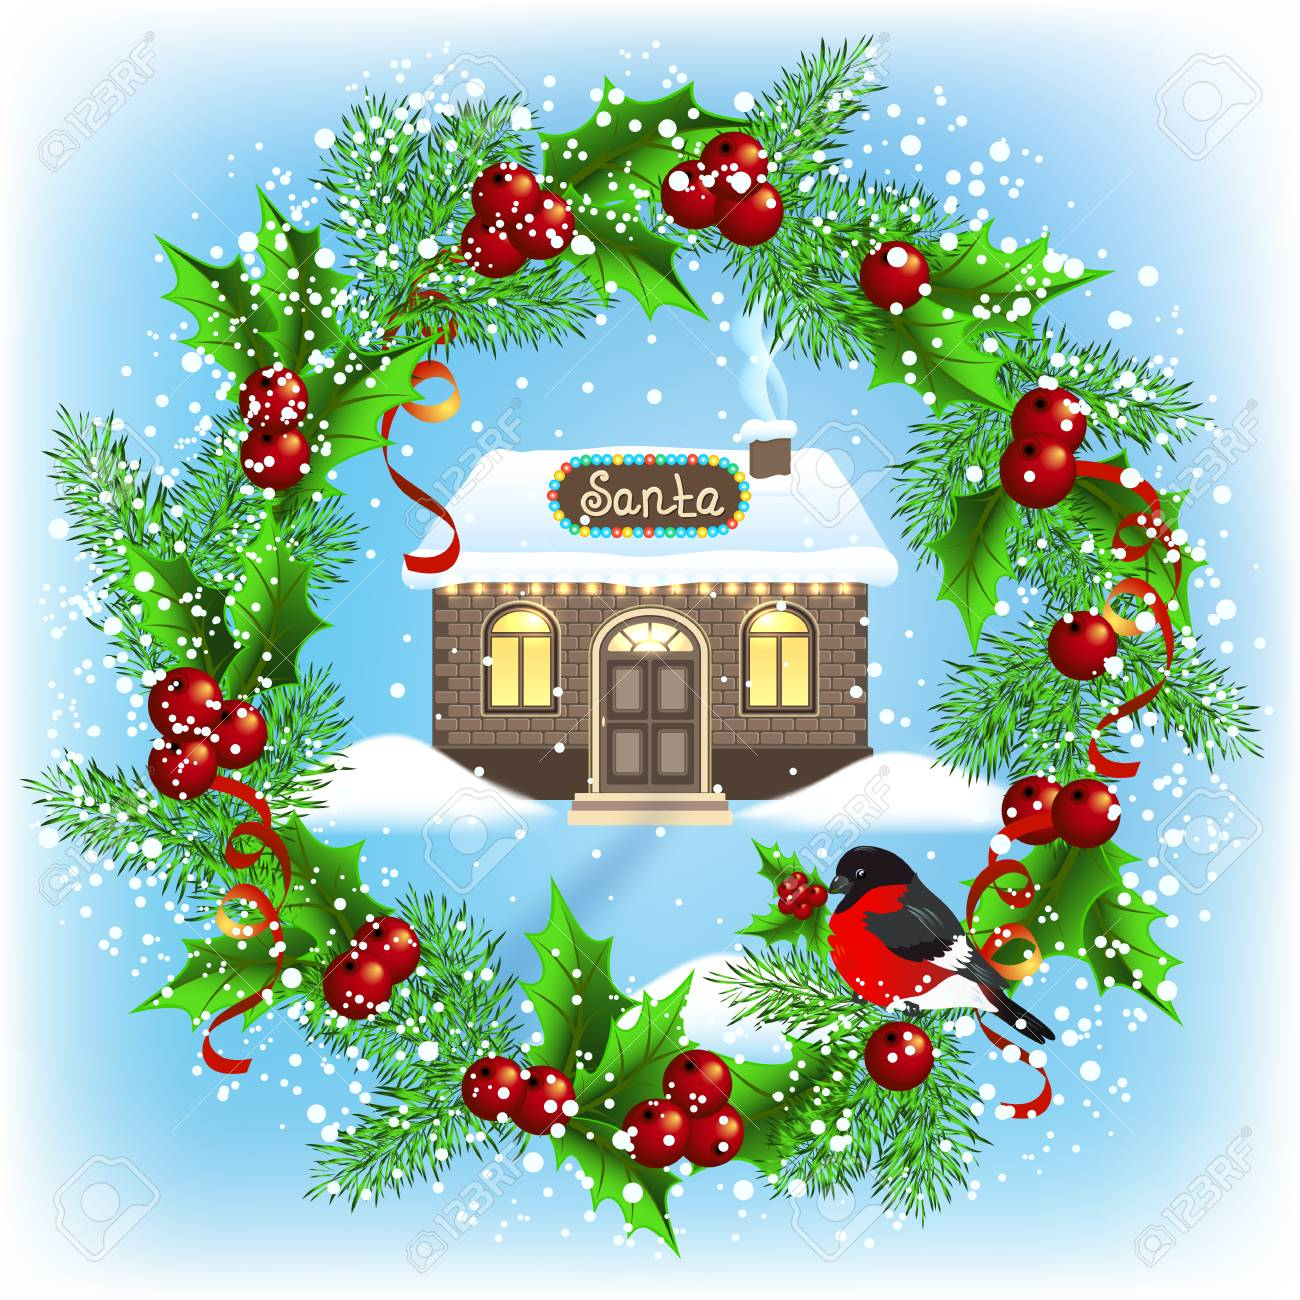 Carte De Noël Avec Couronne Maison En Brique Et Atelier Du Père Noël Carte Postale De Conception De Nouvel An